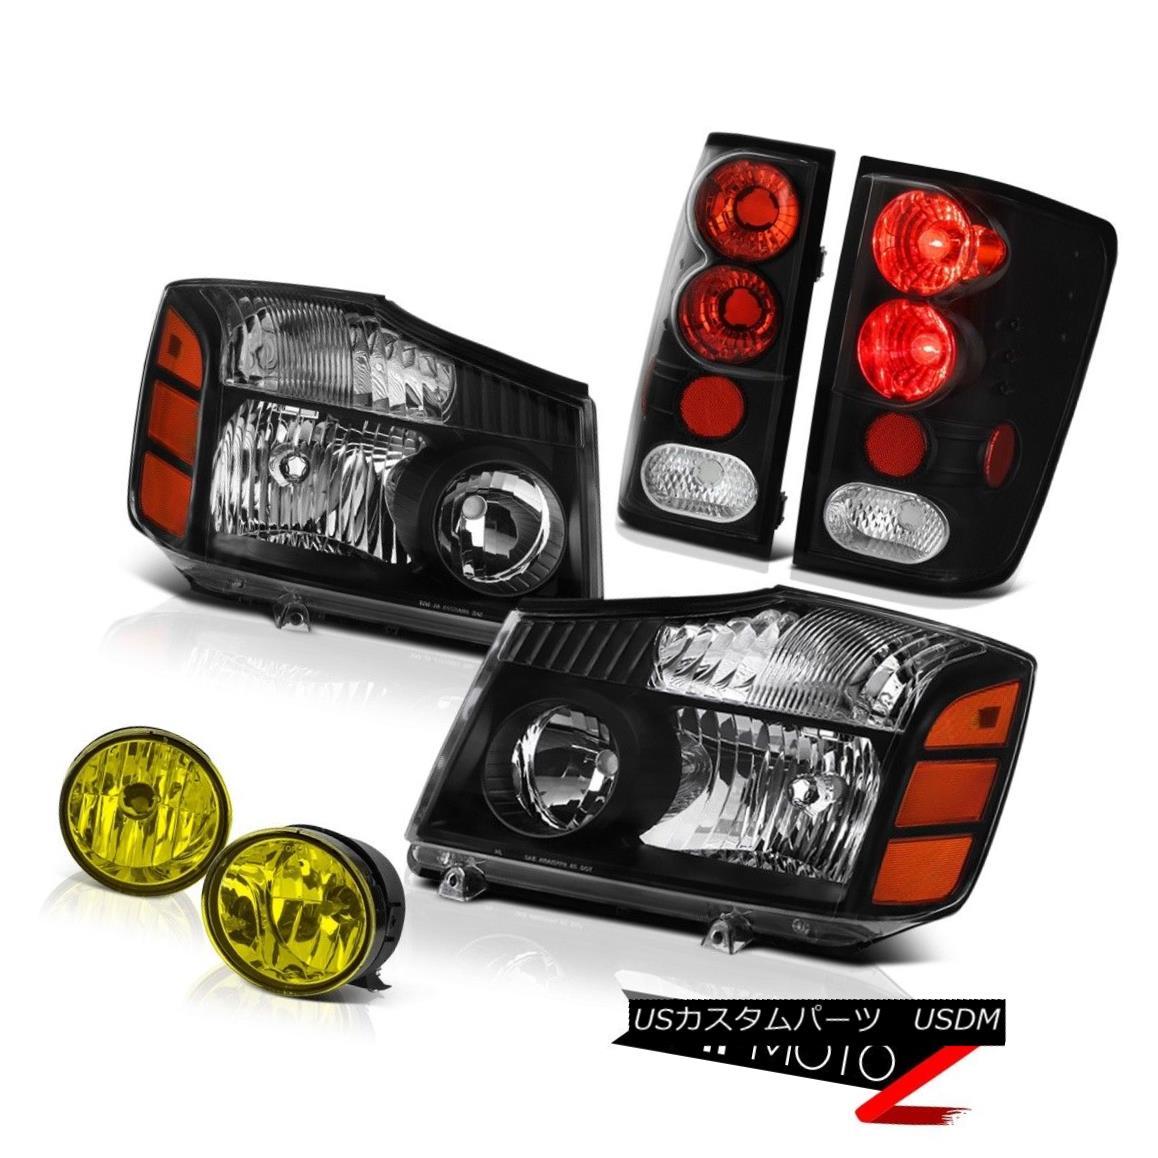 テールライト For 2004-2015 Titan SL Black Diamond Headlight Black Tail Brake Light Yellow Fog 2004年?2015年タイタンSLブラックダイヤモンドヘッドライトブラックテールブレーキライトイエローフォグ